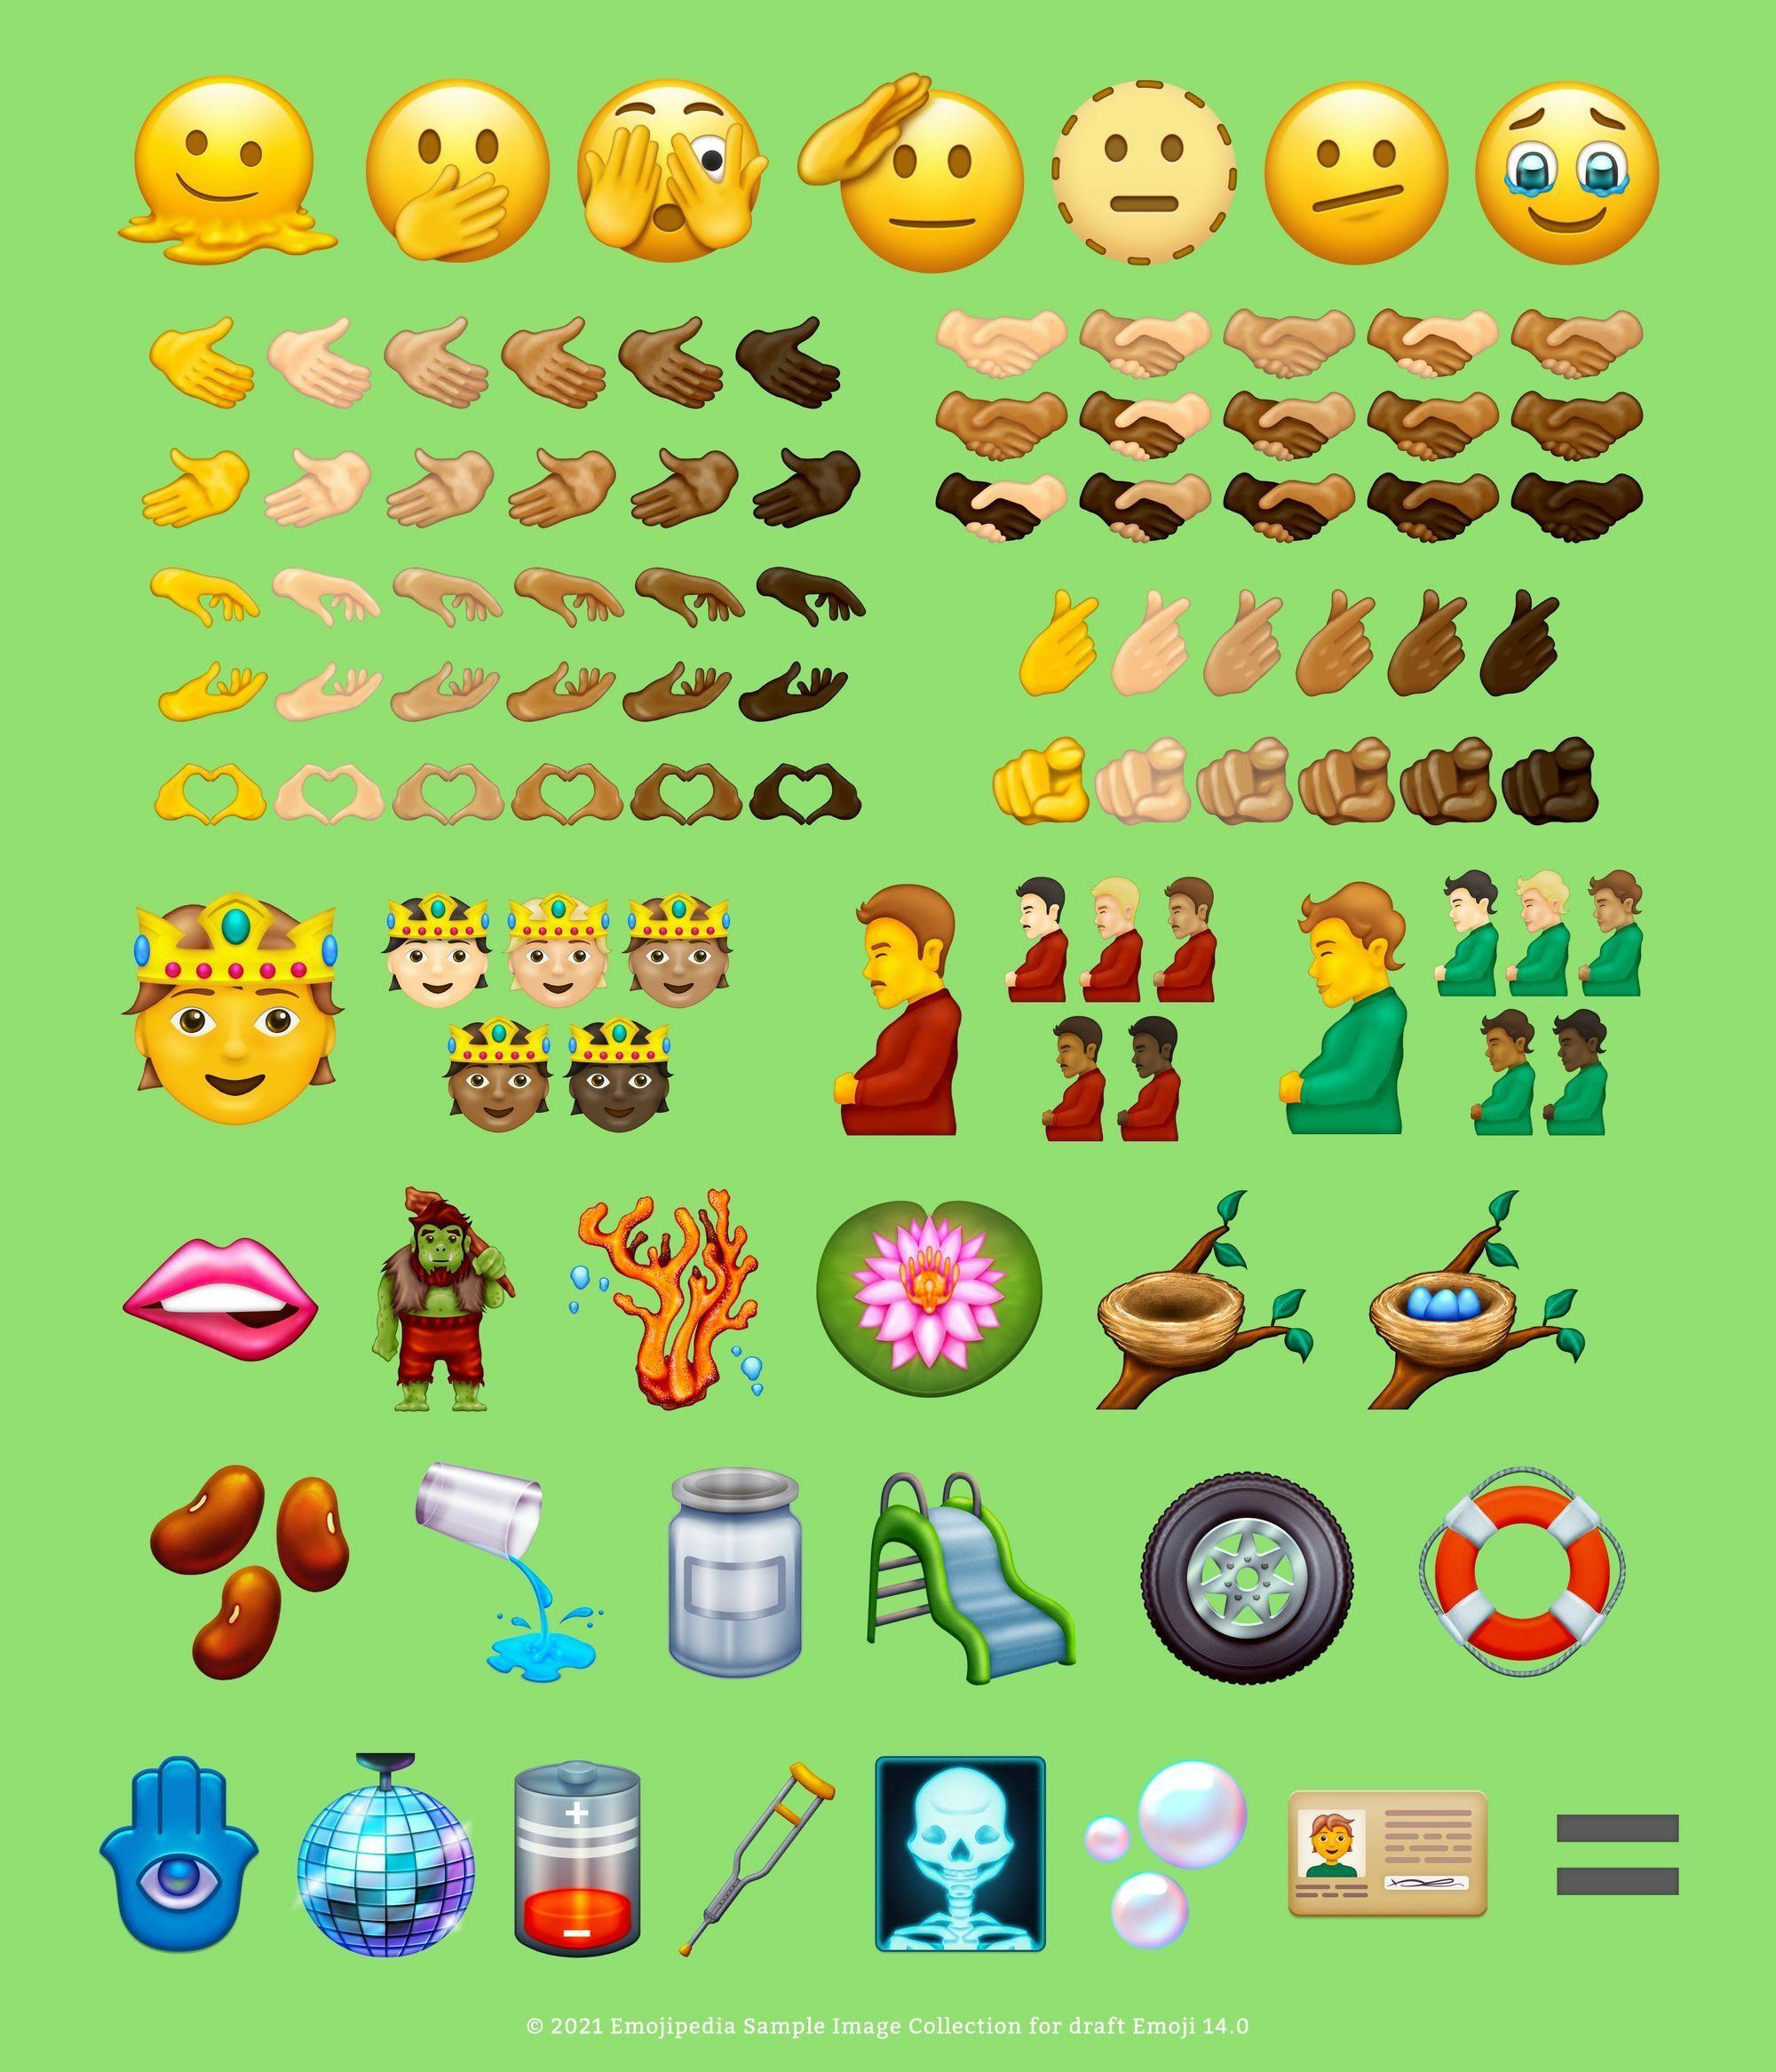 Emoji baru yang bisa kita lihat pada tahun 2021.